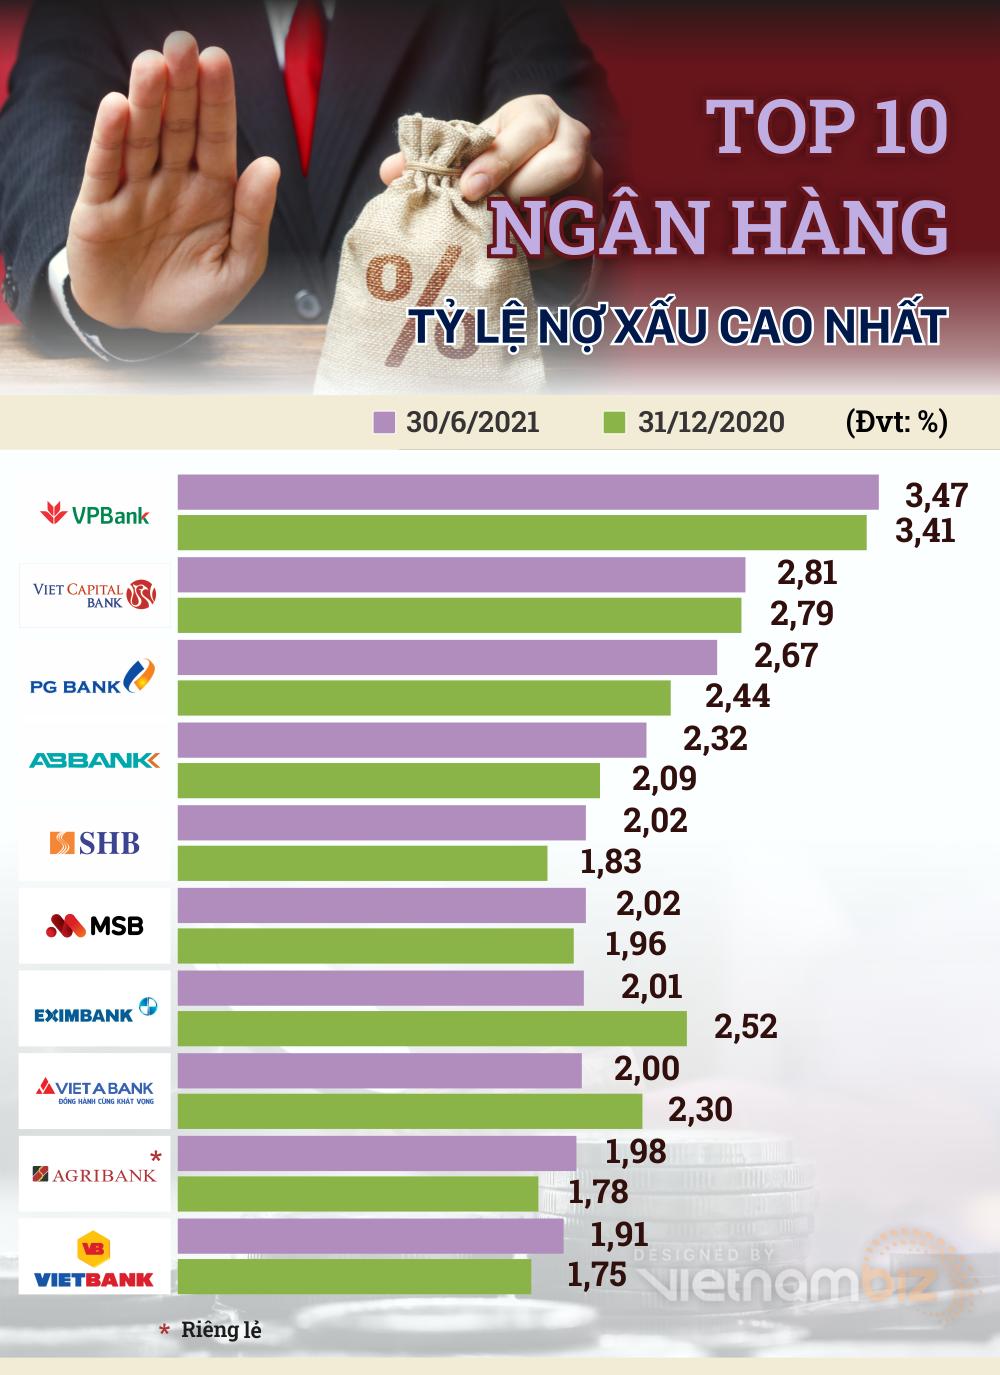 TOP 10 ngân hàng có nhiều nợ xấu nhất 6 tháng đầu năm 2021 - Ảnh 3.